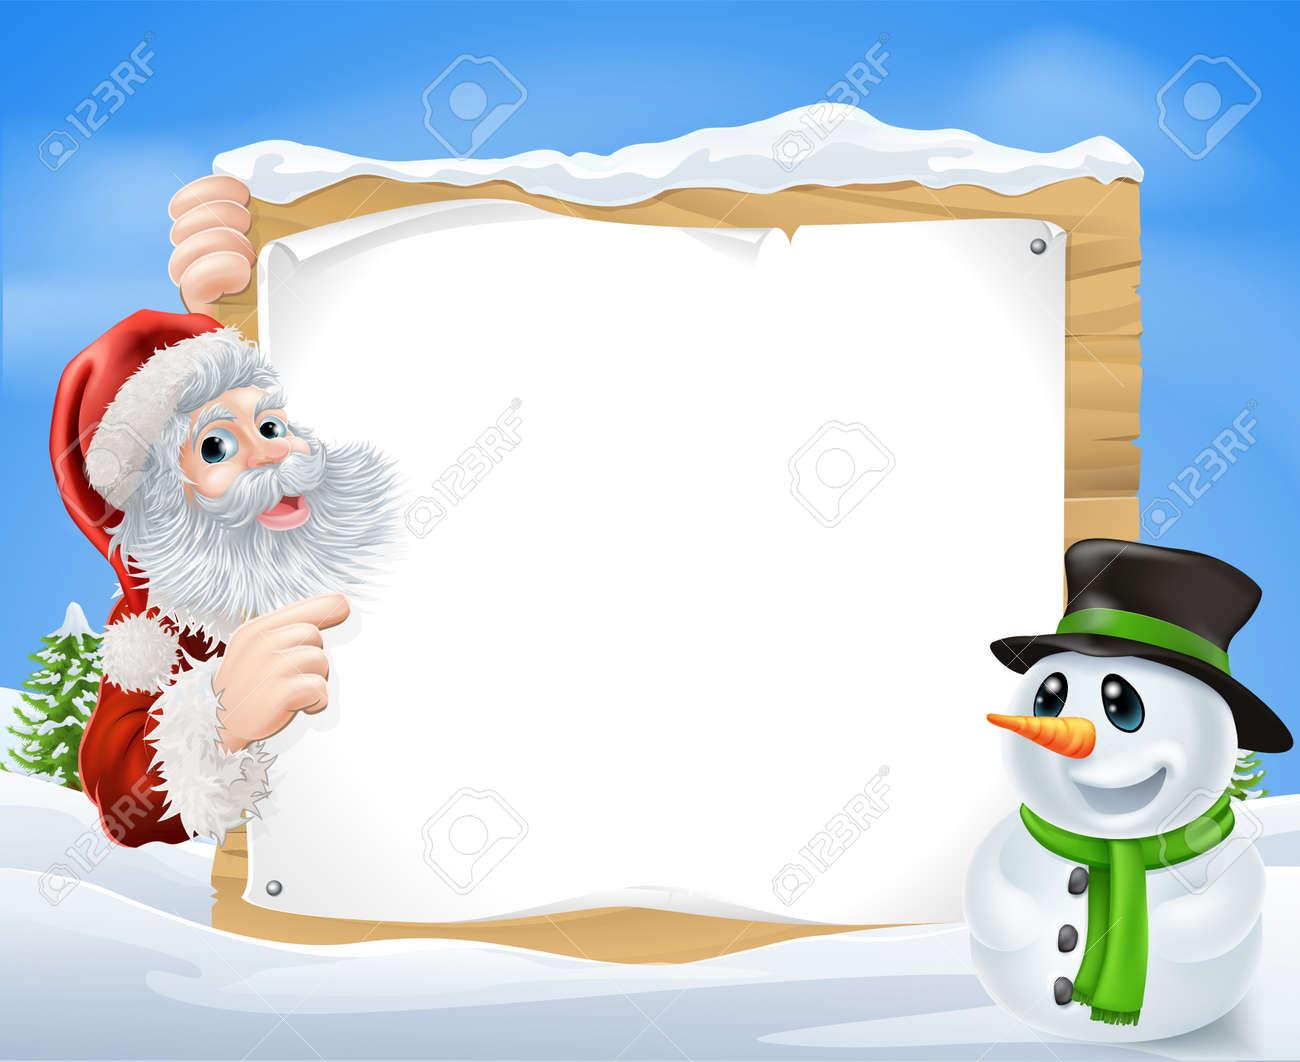 Papá Noel Y Del Muñeco De Nieve Escena De La Nieve Con Papá Noel Y ...